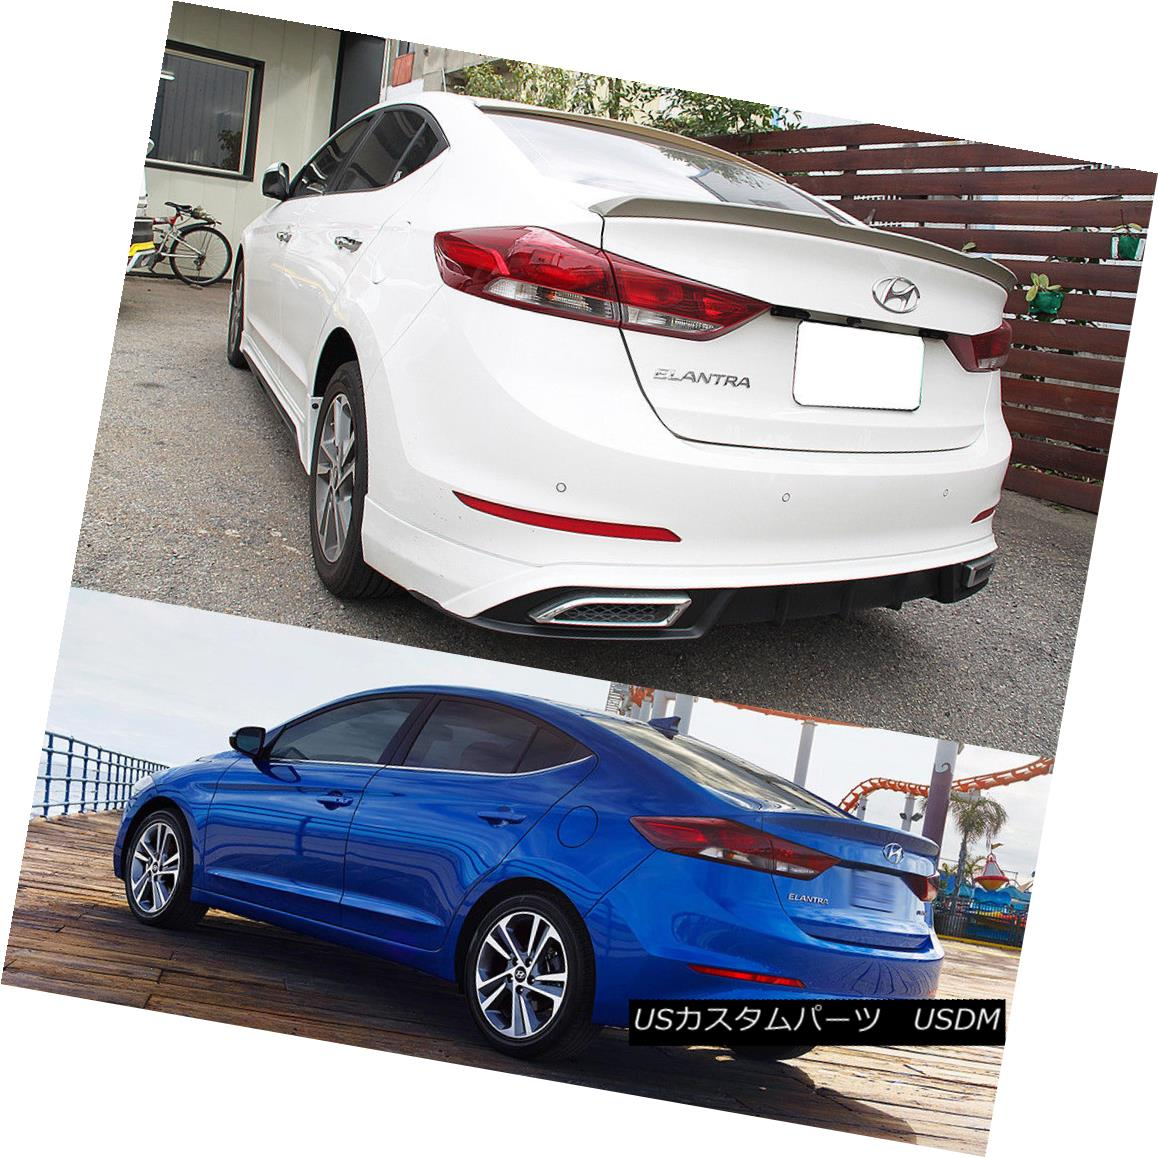 エアロパーツ Painted 2018 For Hyundai Elantra AD Avante LE GLS Sedan OE Type Trunk Spoiler Hyundai Elantra AD Avante LE GLSセダンOEタイプトランク・スポイラー